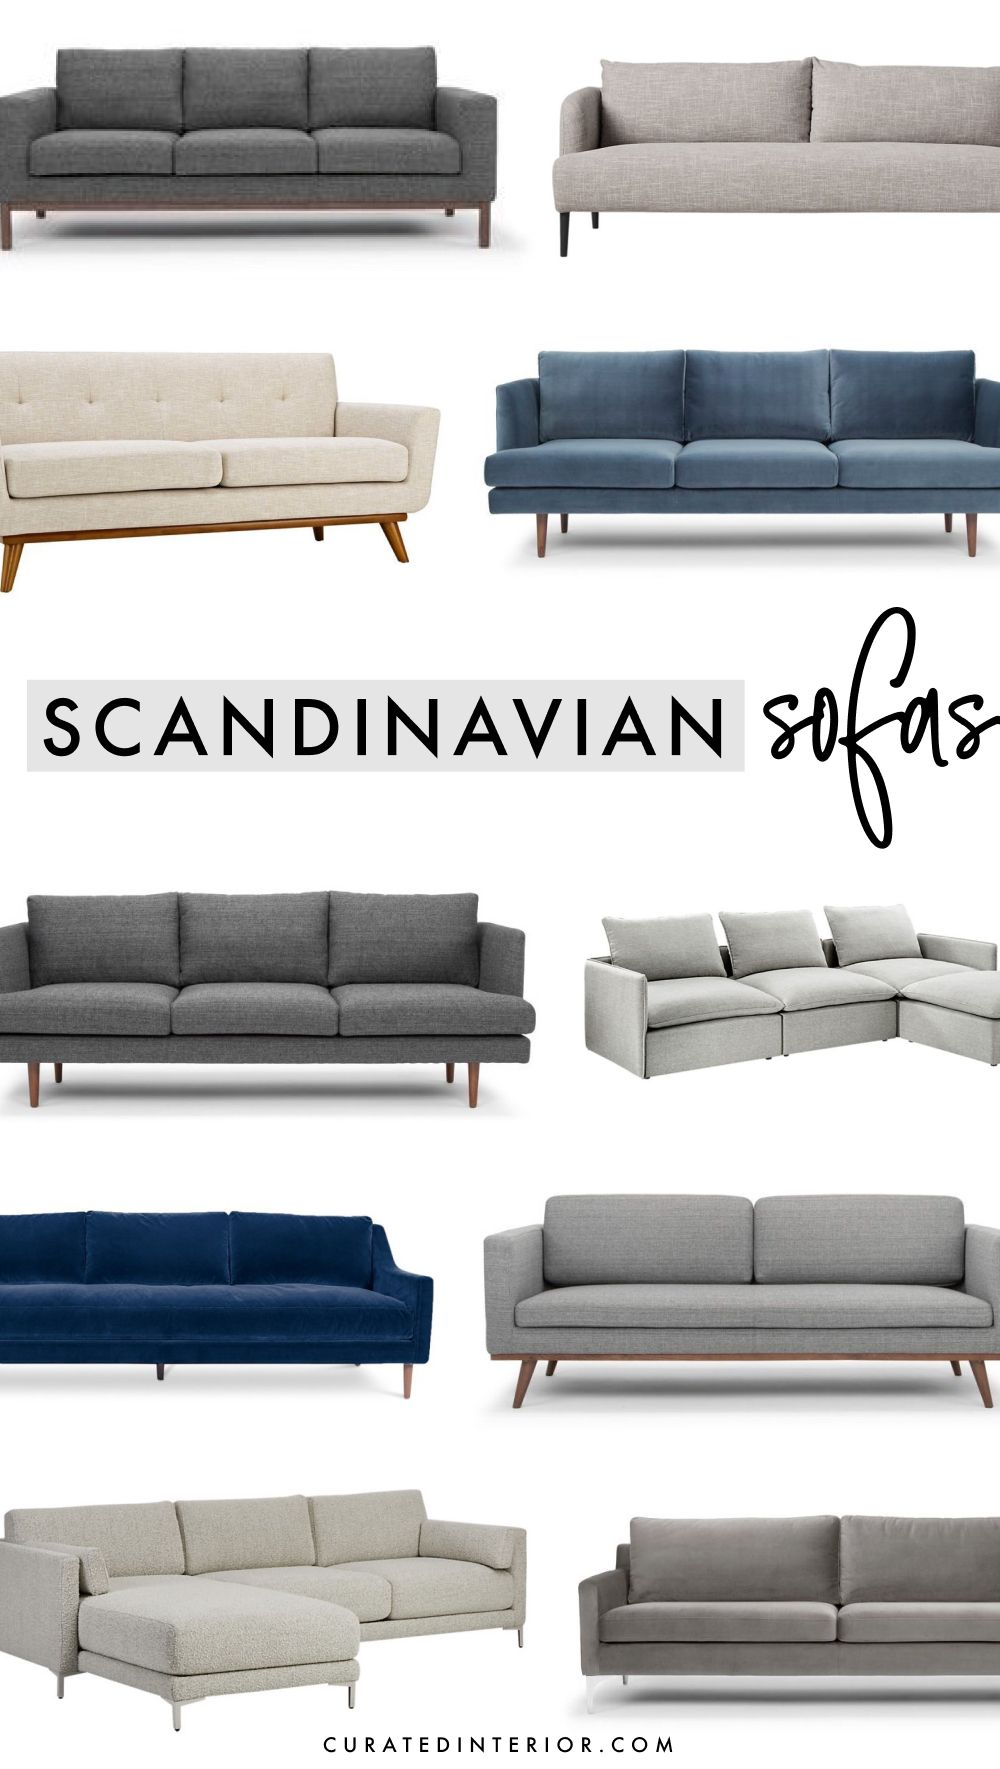 Scandi Sofas